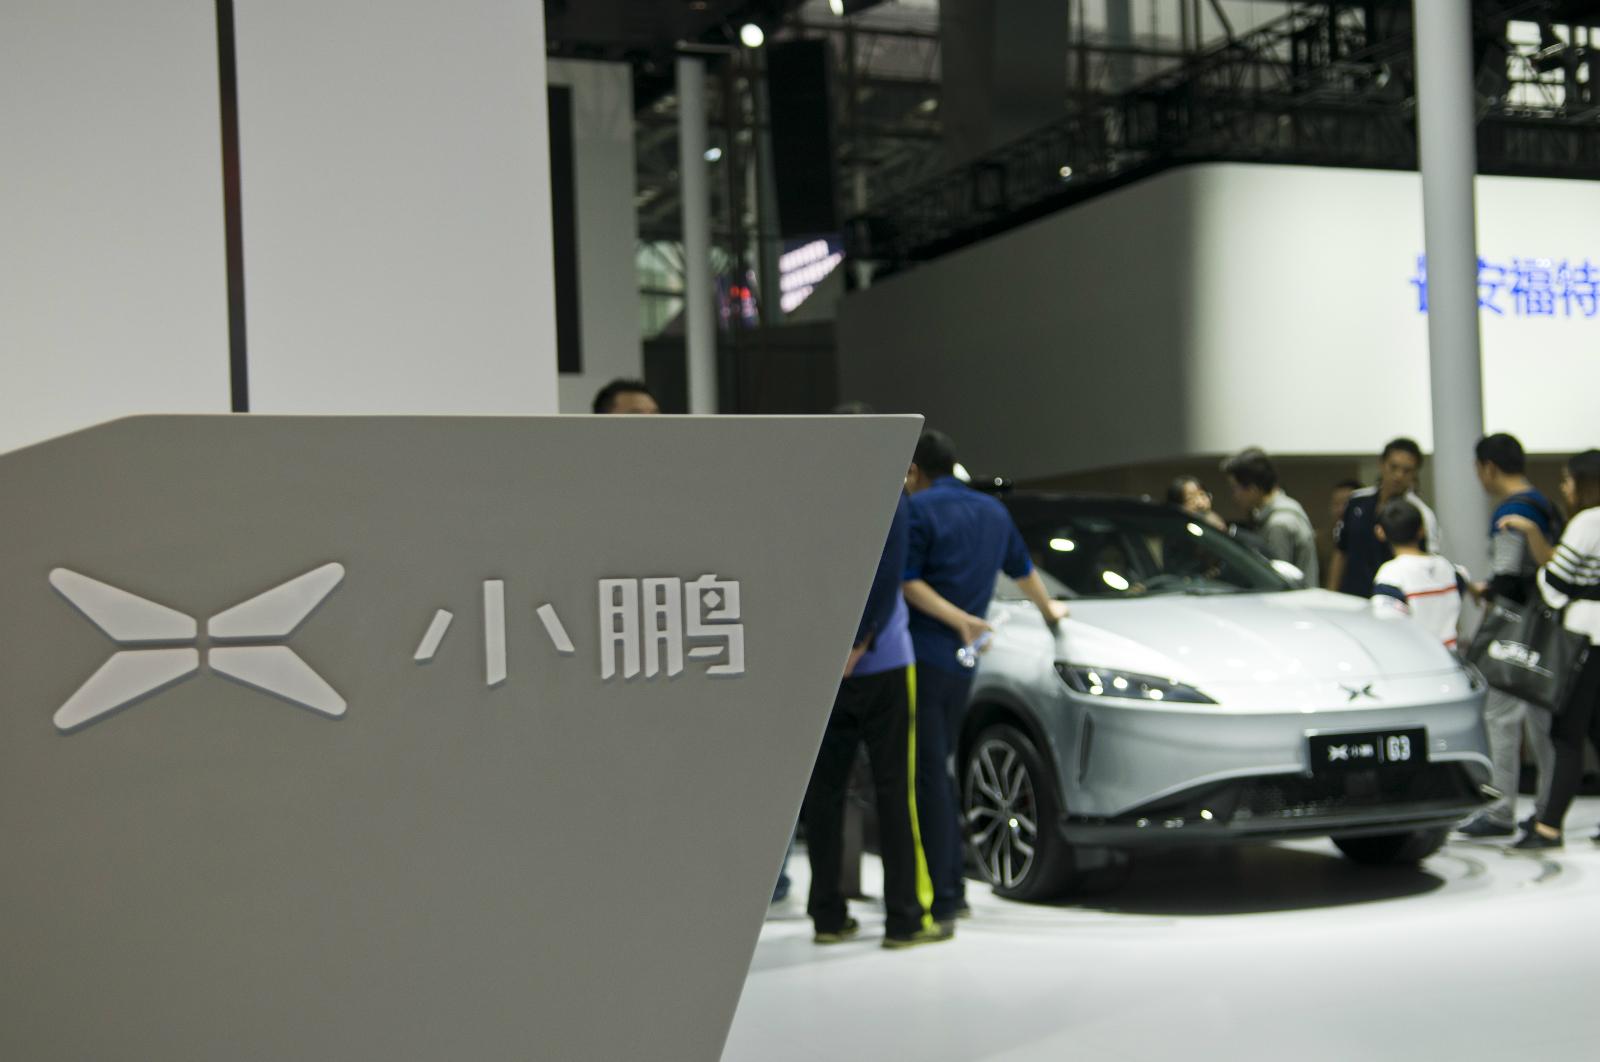 小鹏汽车科技公司新增股东,投资